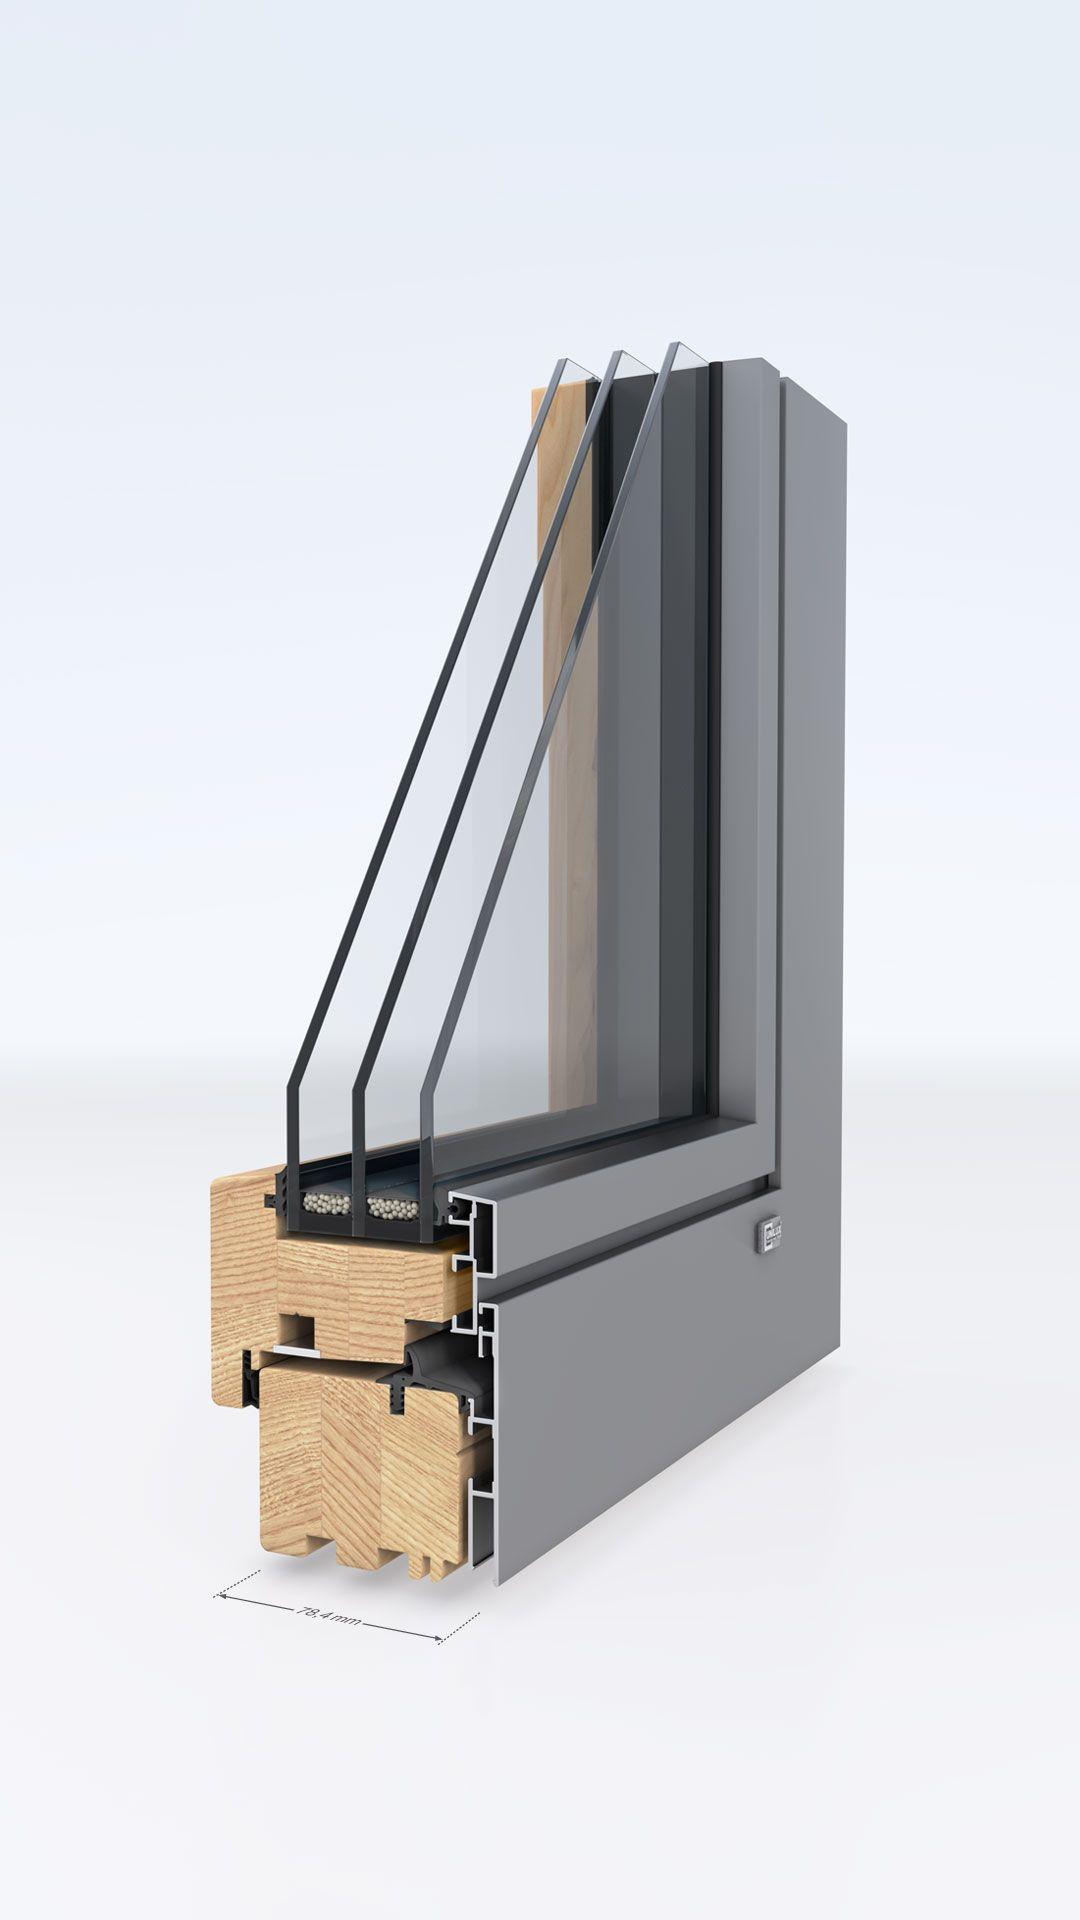 unilux designline 0 8 englisch karlsruher pinterest fenster fenster und t ren und t ren. Black Bedroom Furniture Sets. Home Design Ideas